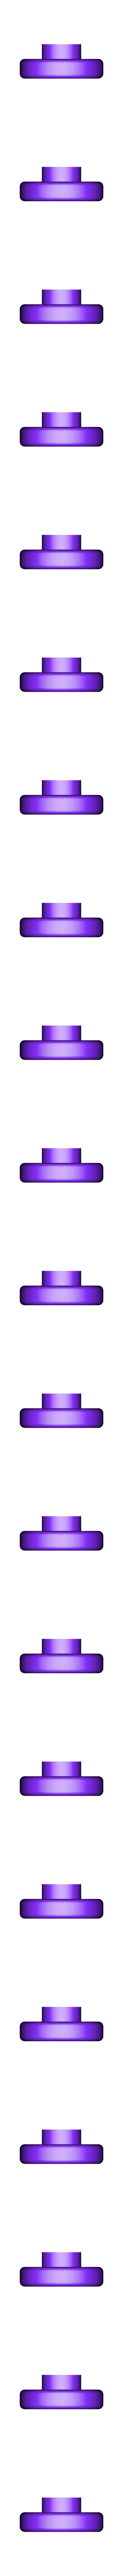 button x2.STL Télécharger fichier STL gratuit Hand handner four gears • Plan pour imprimante 3D, Vladimir310873